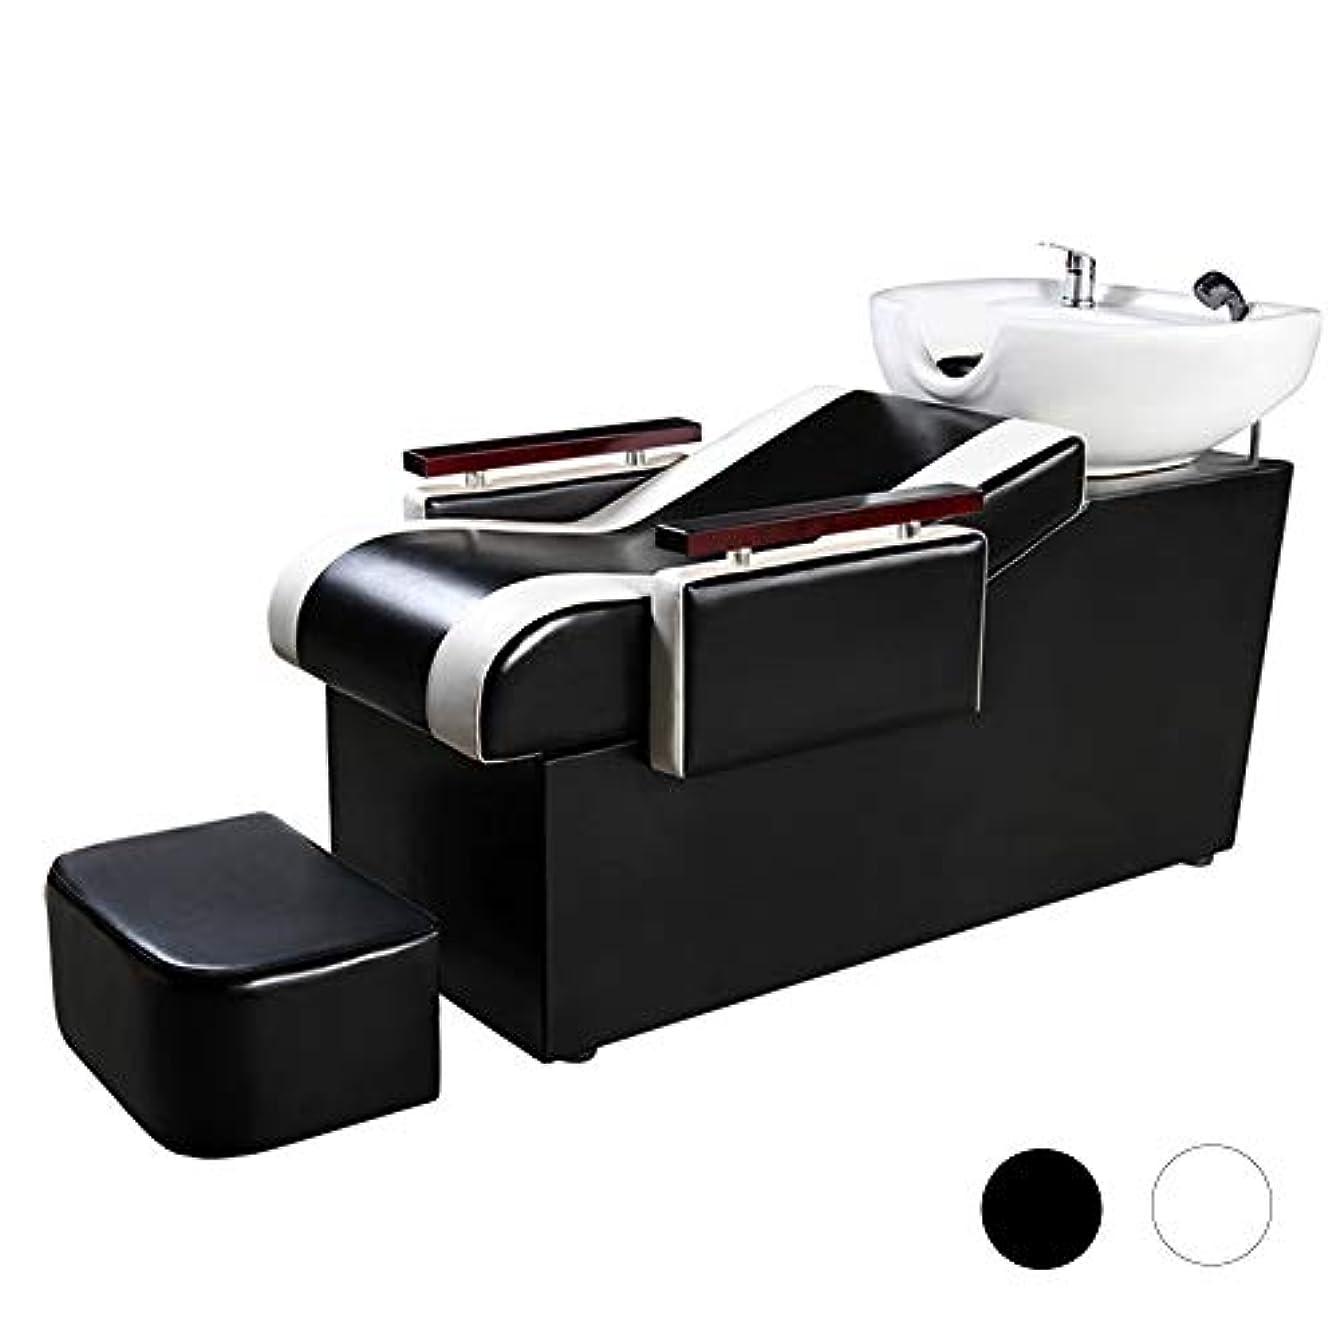 足首慣れている驚シャンプーチェア、スパ用美容院設備用シャンプーボウル理髪シンクチェアシャンプーベッド(ブラック)